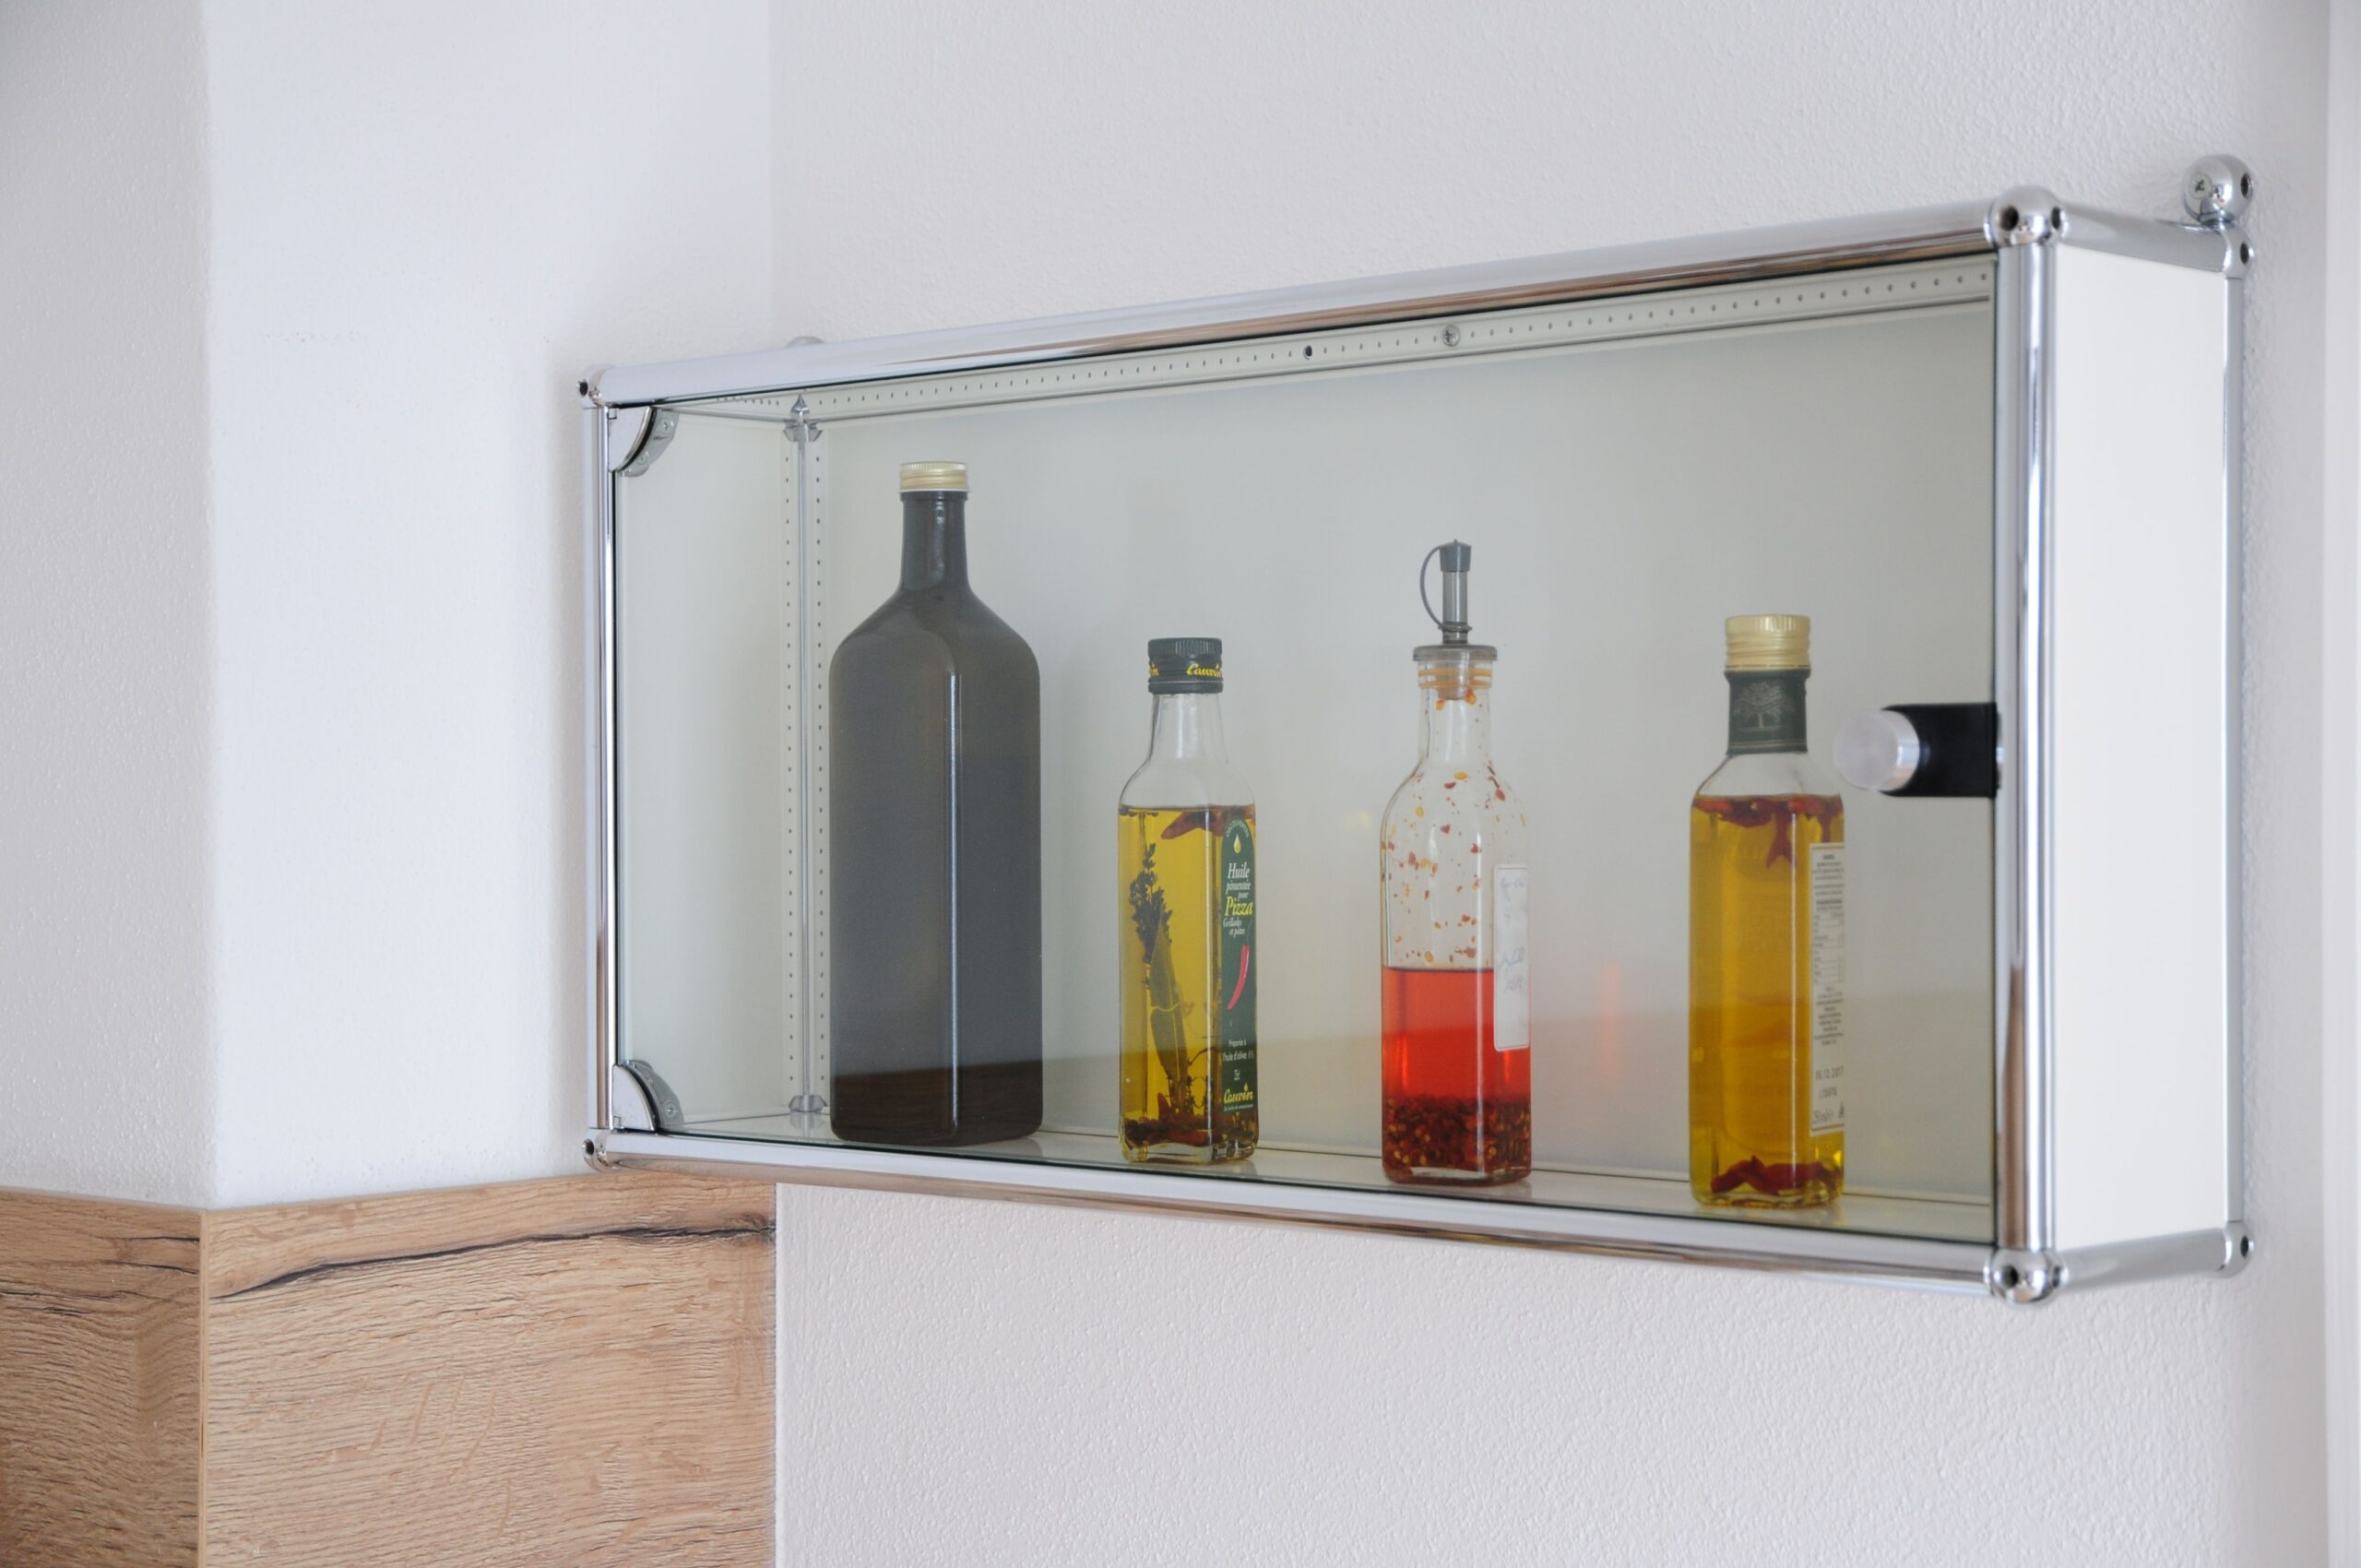 Full Size of Weisser Hngeschrank Glasbilder Bad Küche Glaswand Dusche Glasabtrennung Glastür Hängeschrank Weiß Glastüren Hochglanz Wohnzimmer Esstisch Glas Ausziehbar Wohnzimmer Küchen Hängeschrank Glas